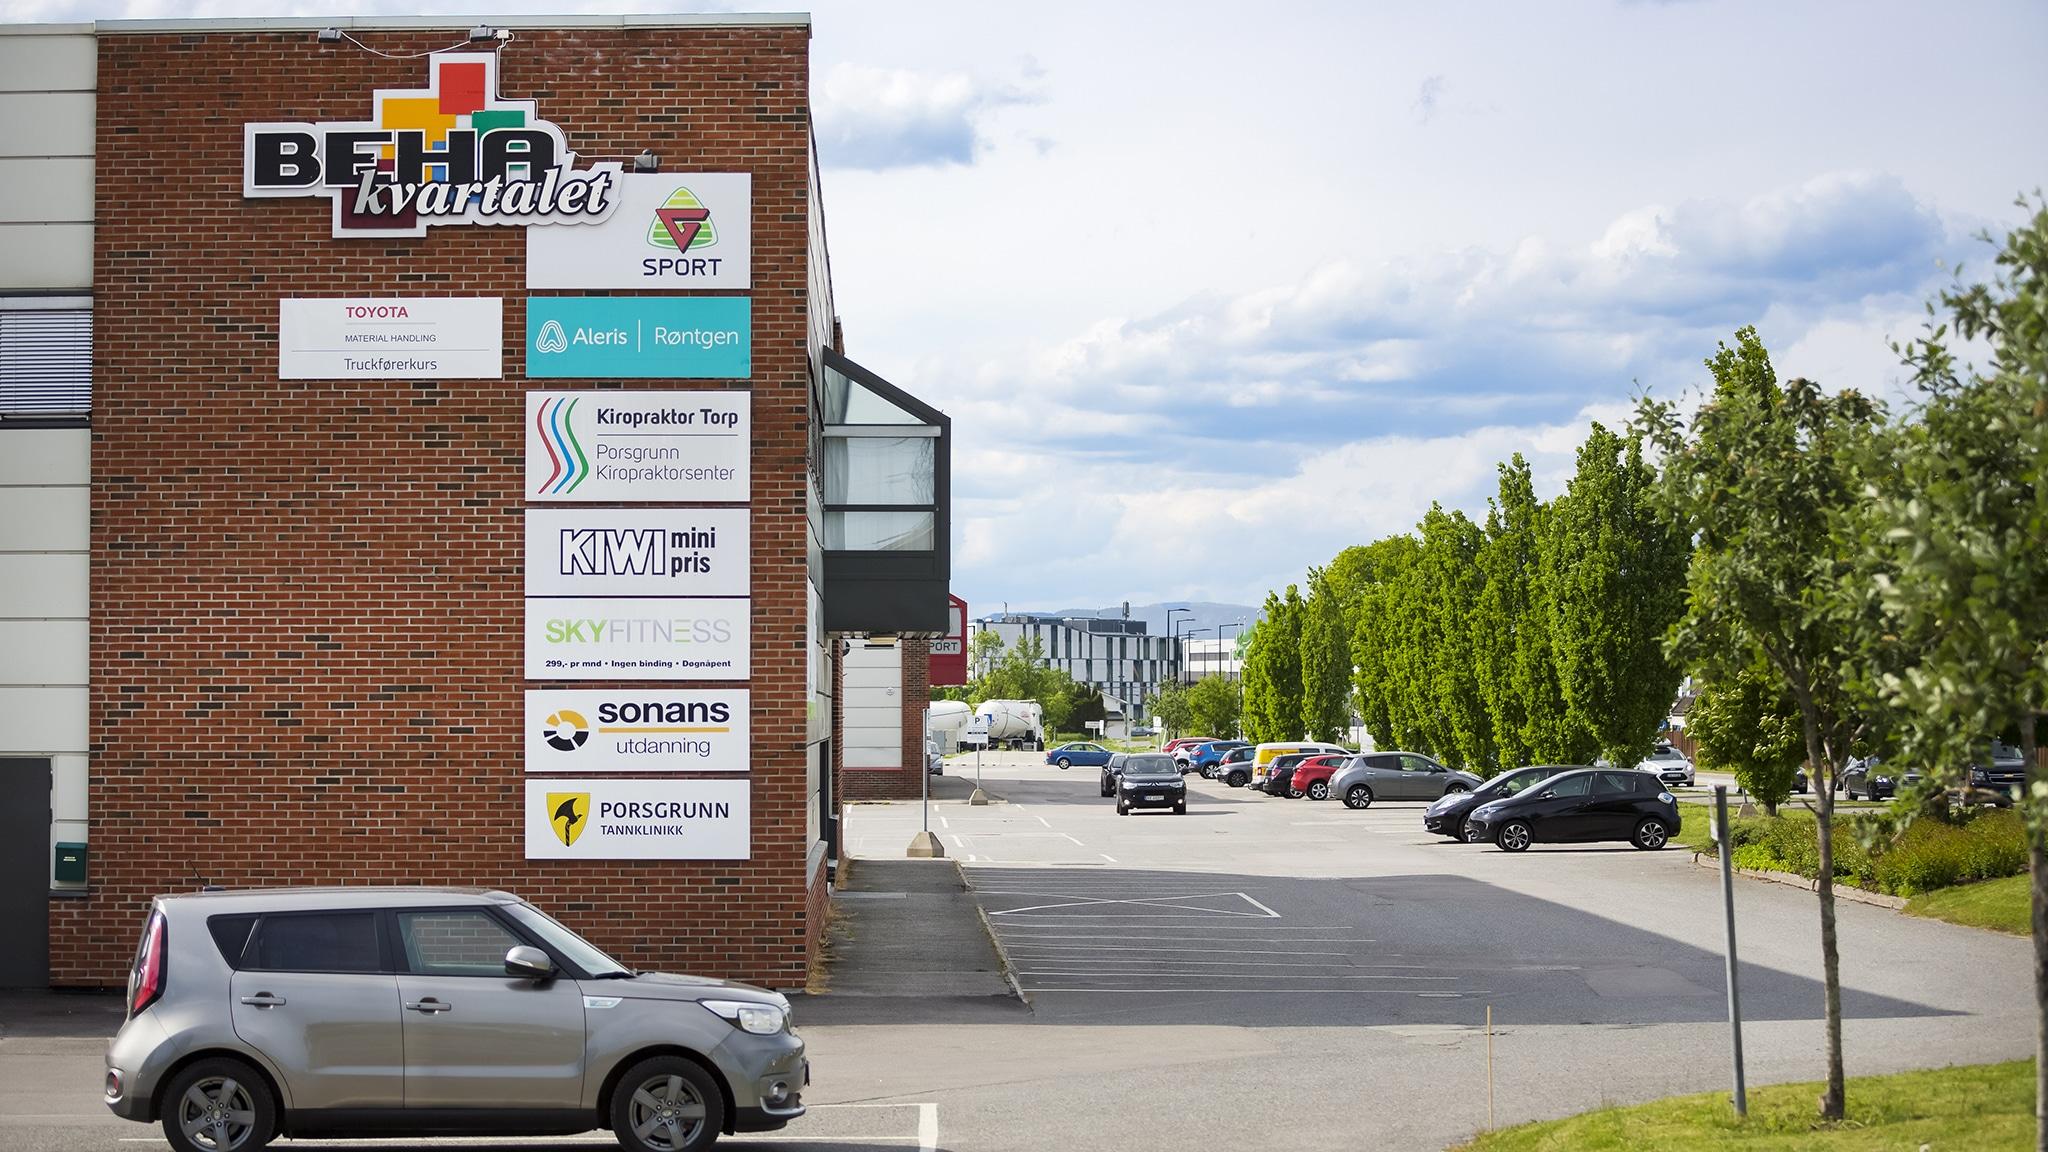 Butikklokale beha kvartalet C E Berg Hanssens gate porsgrunn 12